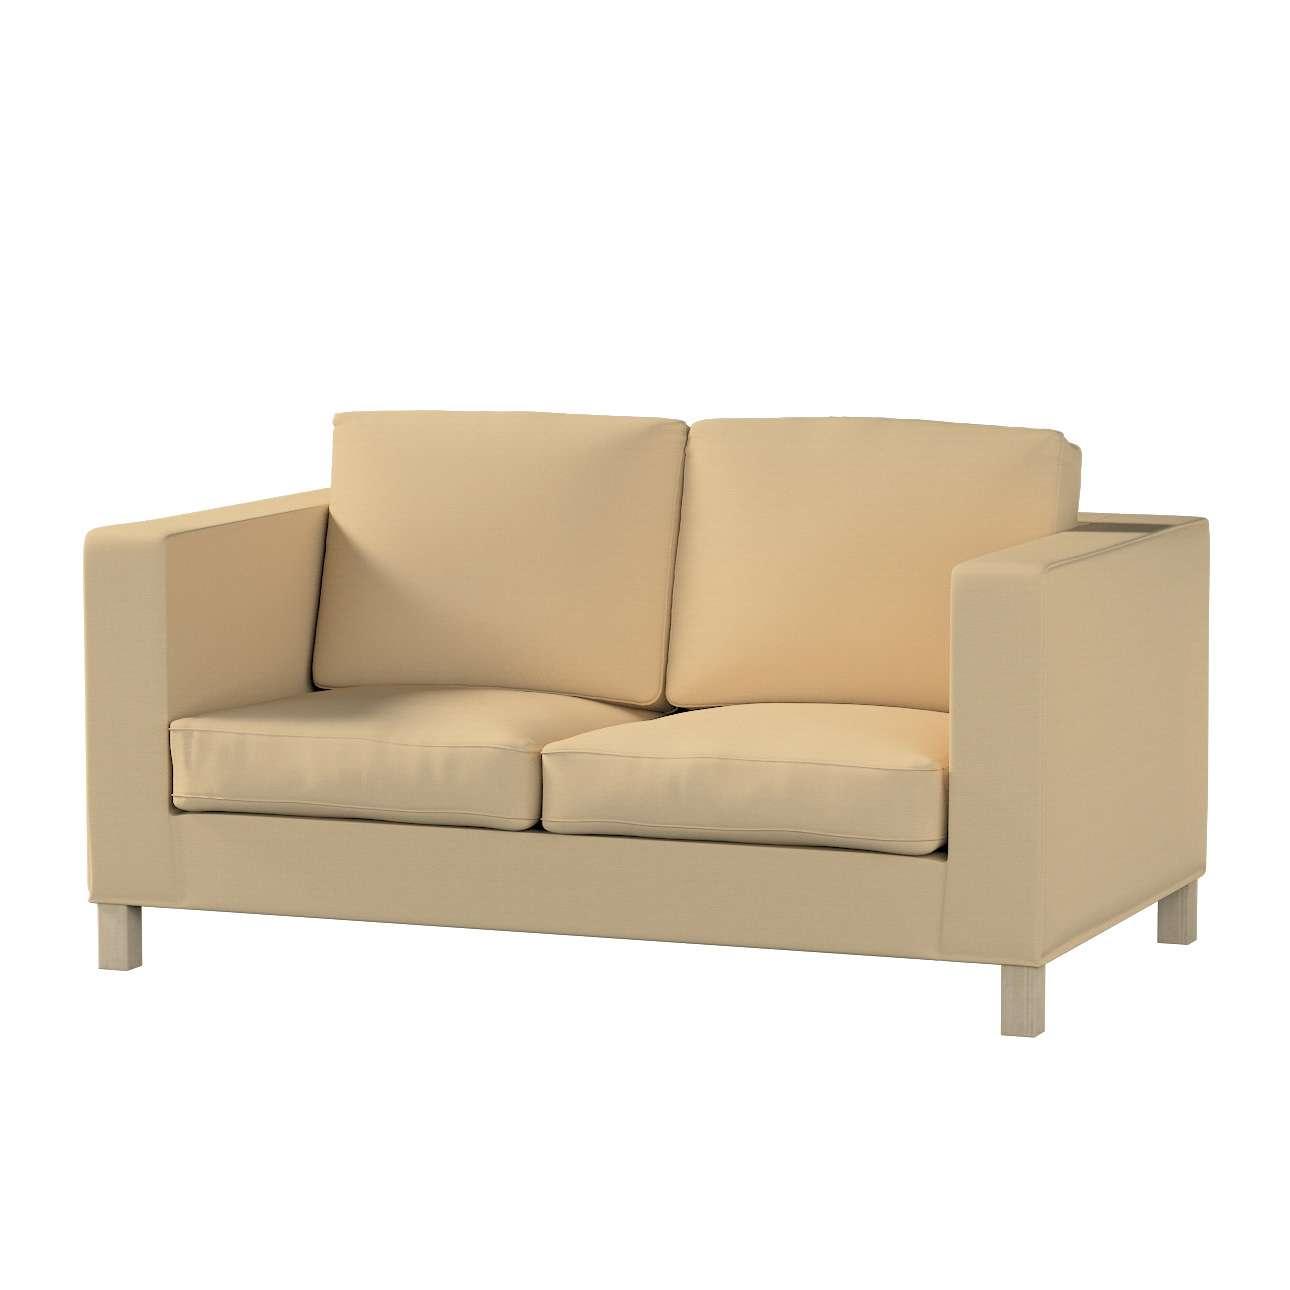 Bezug für Karlanda 2-Sitzer Sofa nicht ausklappbar, kurz von der Kollektion Cotton Panama, Stoff: 702-01